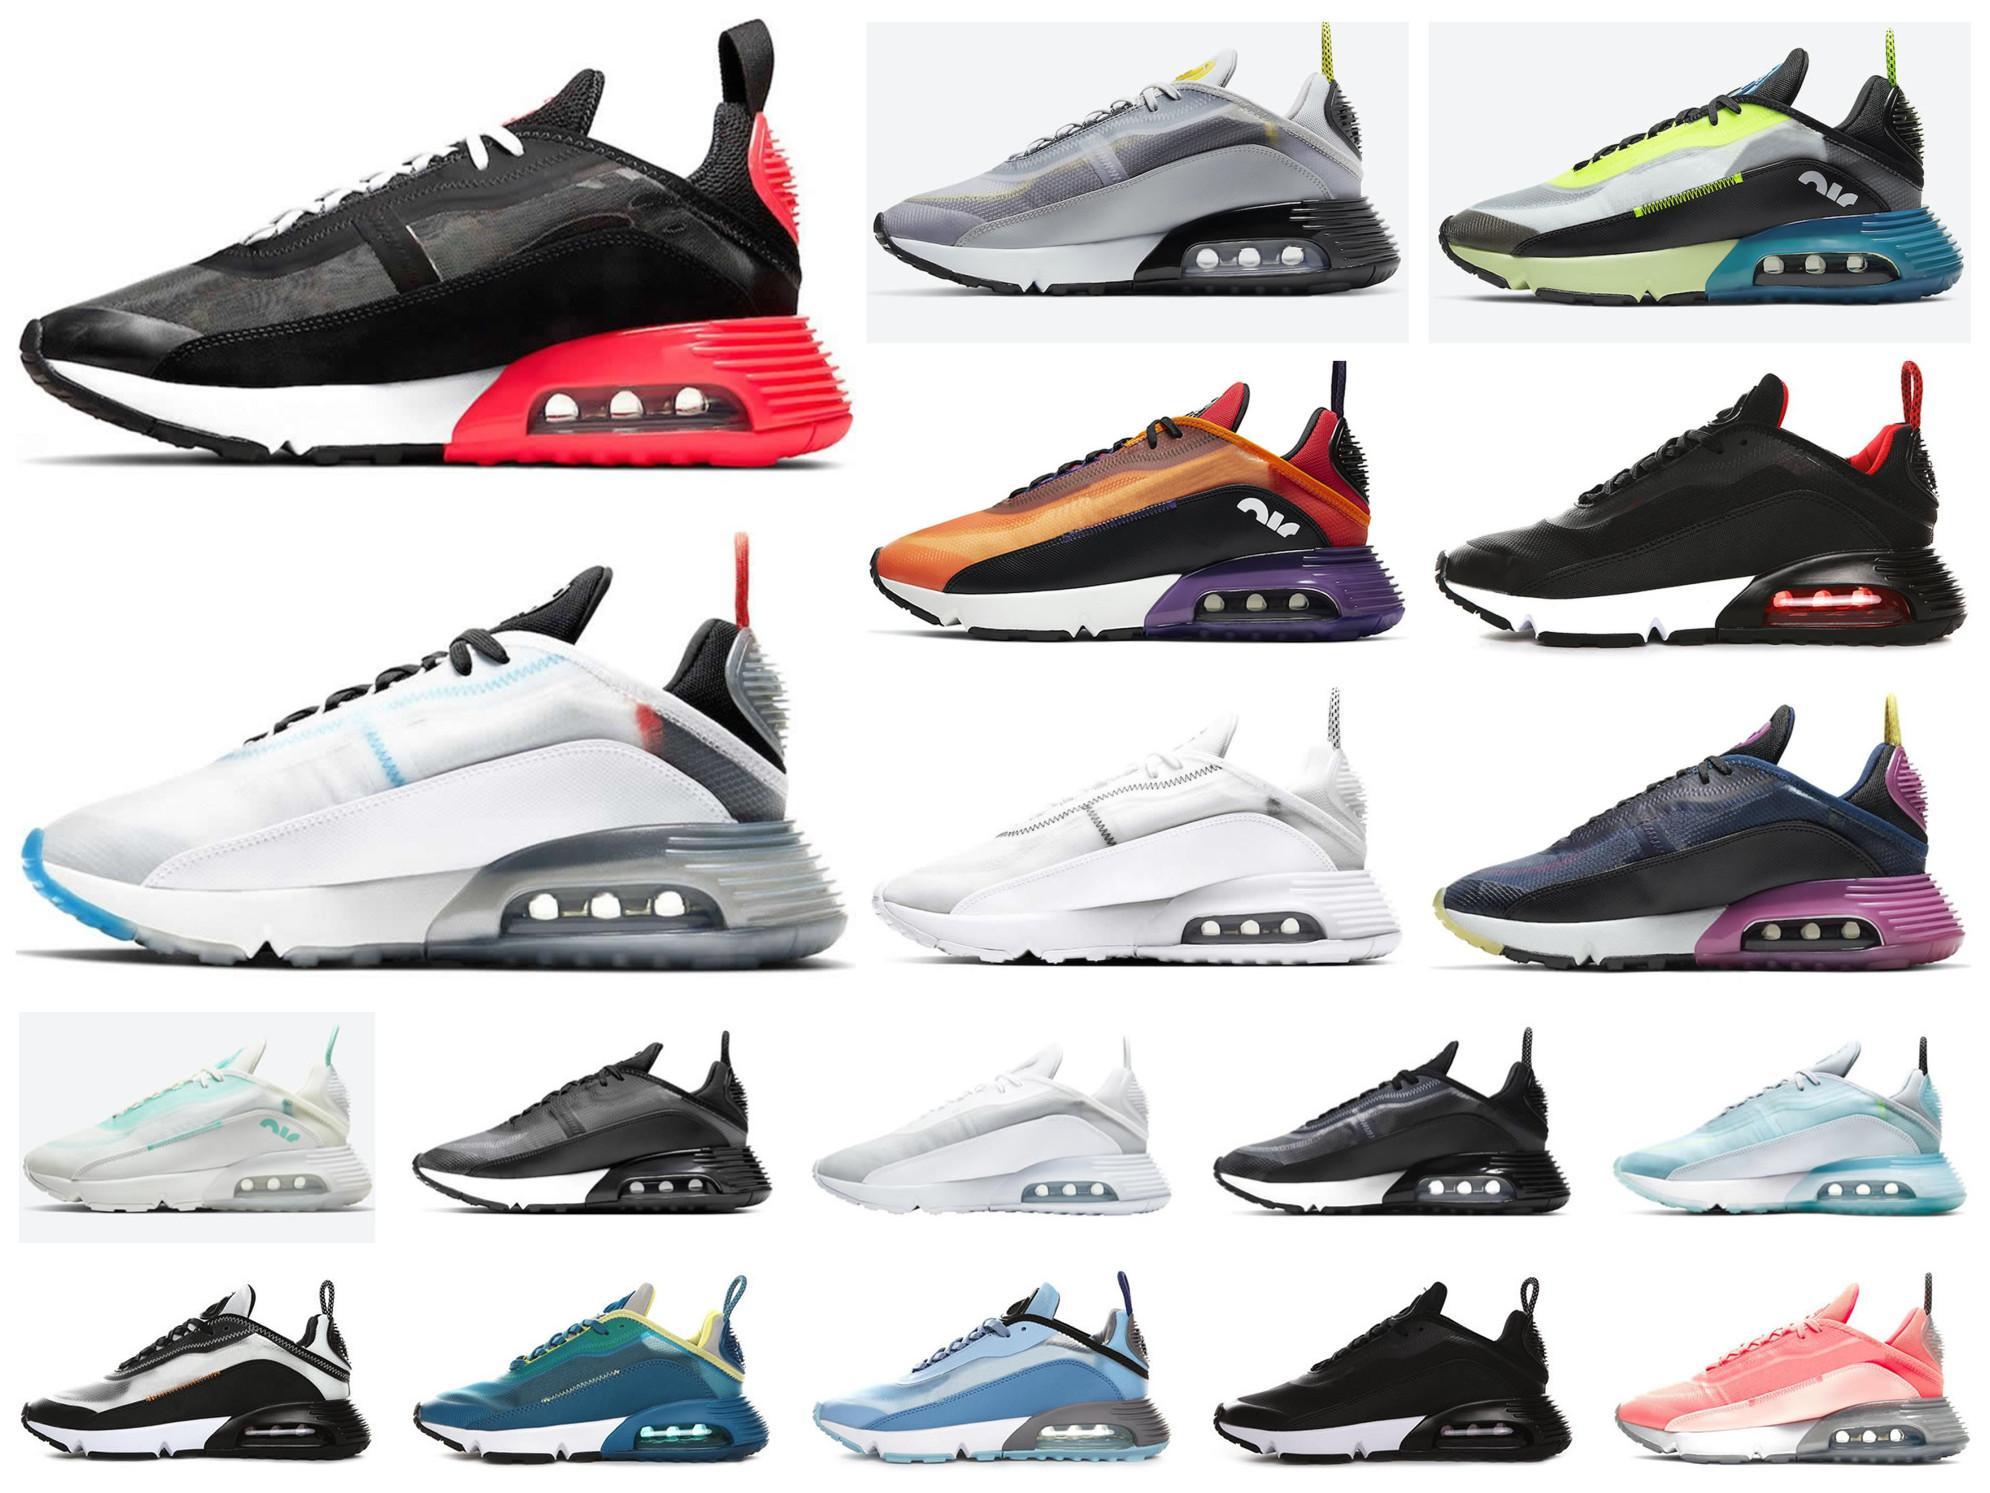 وصل 2020 جديد الصرفة 2090 البلاتين الاحذية الرجال النساء الرجال بطة كامو النقي البلاتين الصهارة أورانج الرياضية ذات جودة عالية حذاء رياضة 36-45